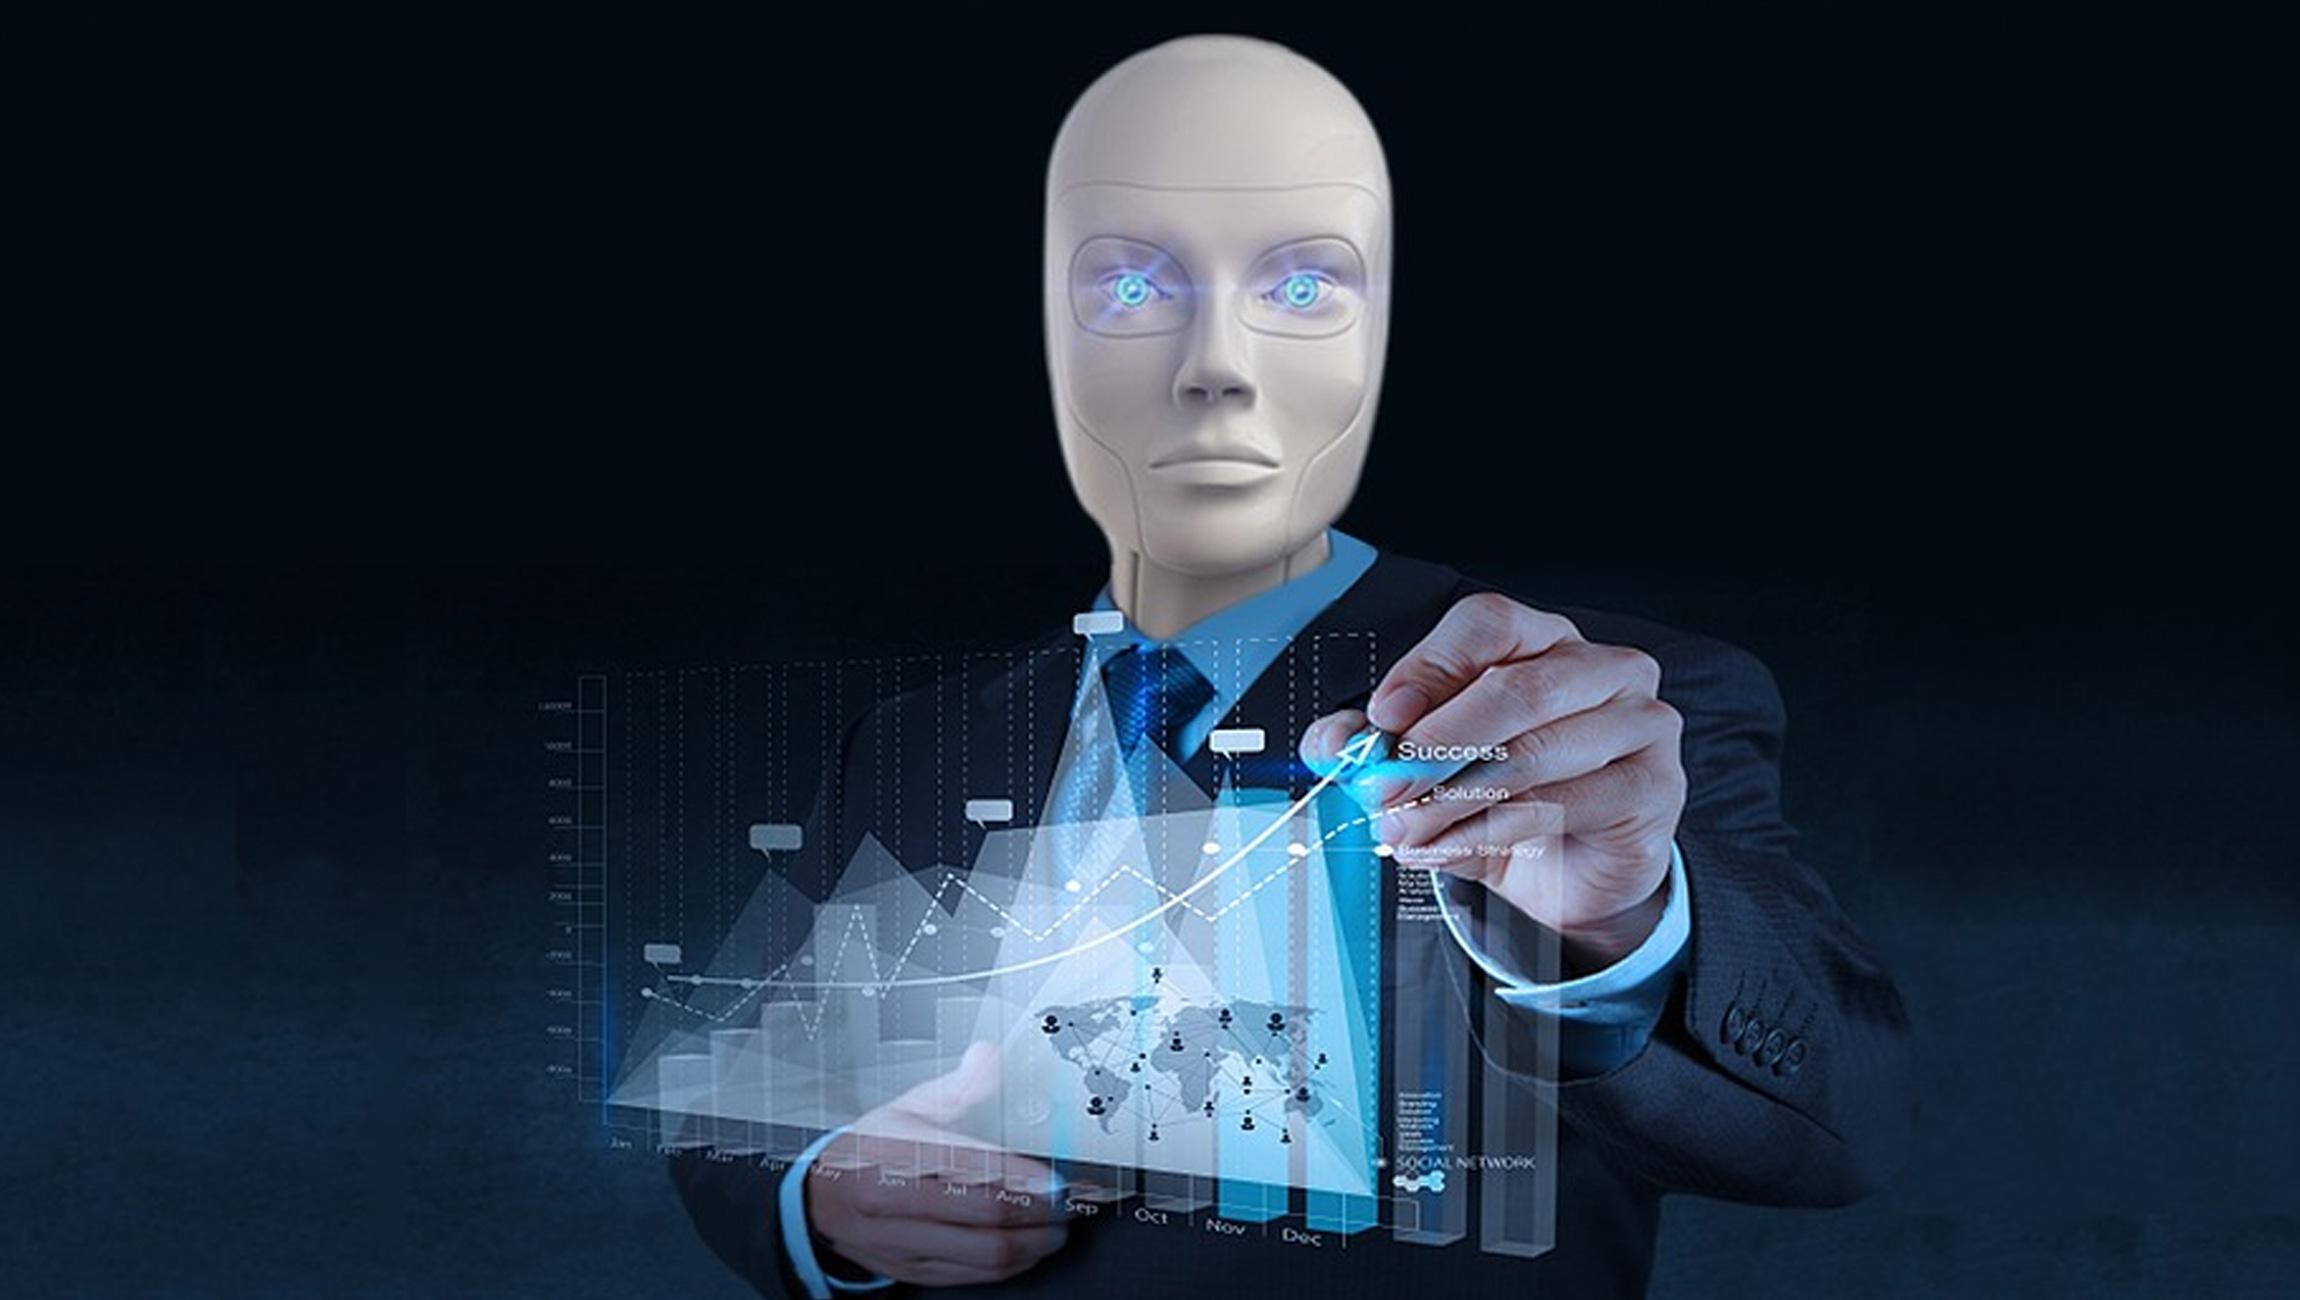 【2020年】業務効率化の最前線!ハイパーオートメーションとは?